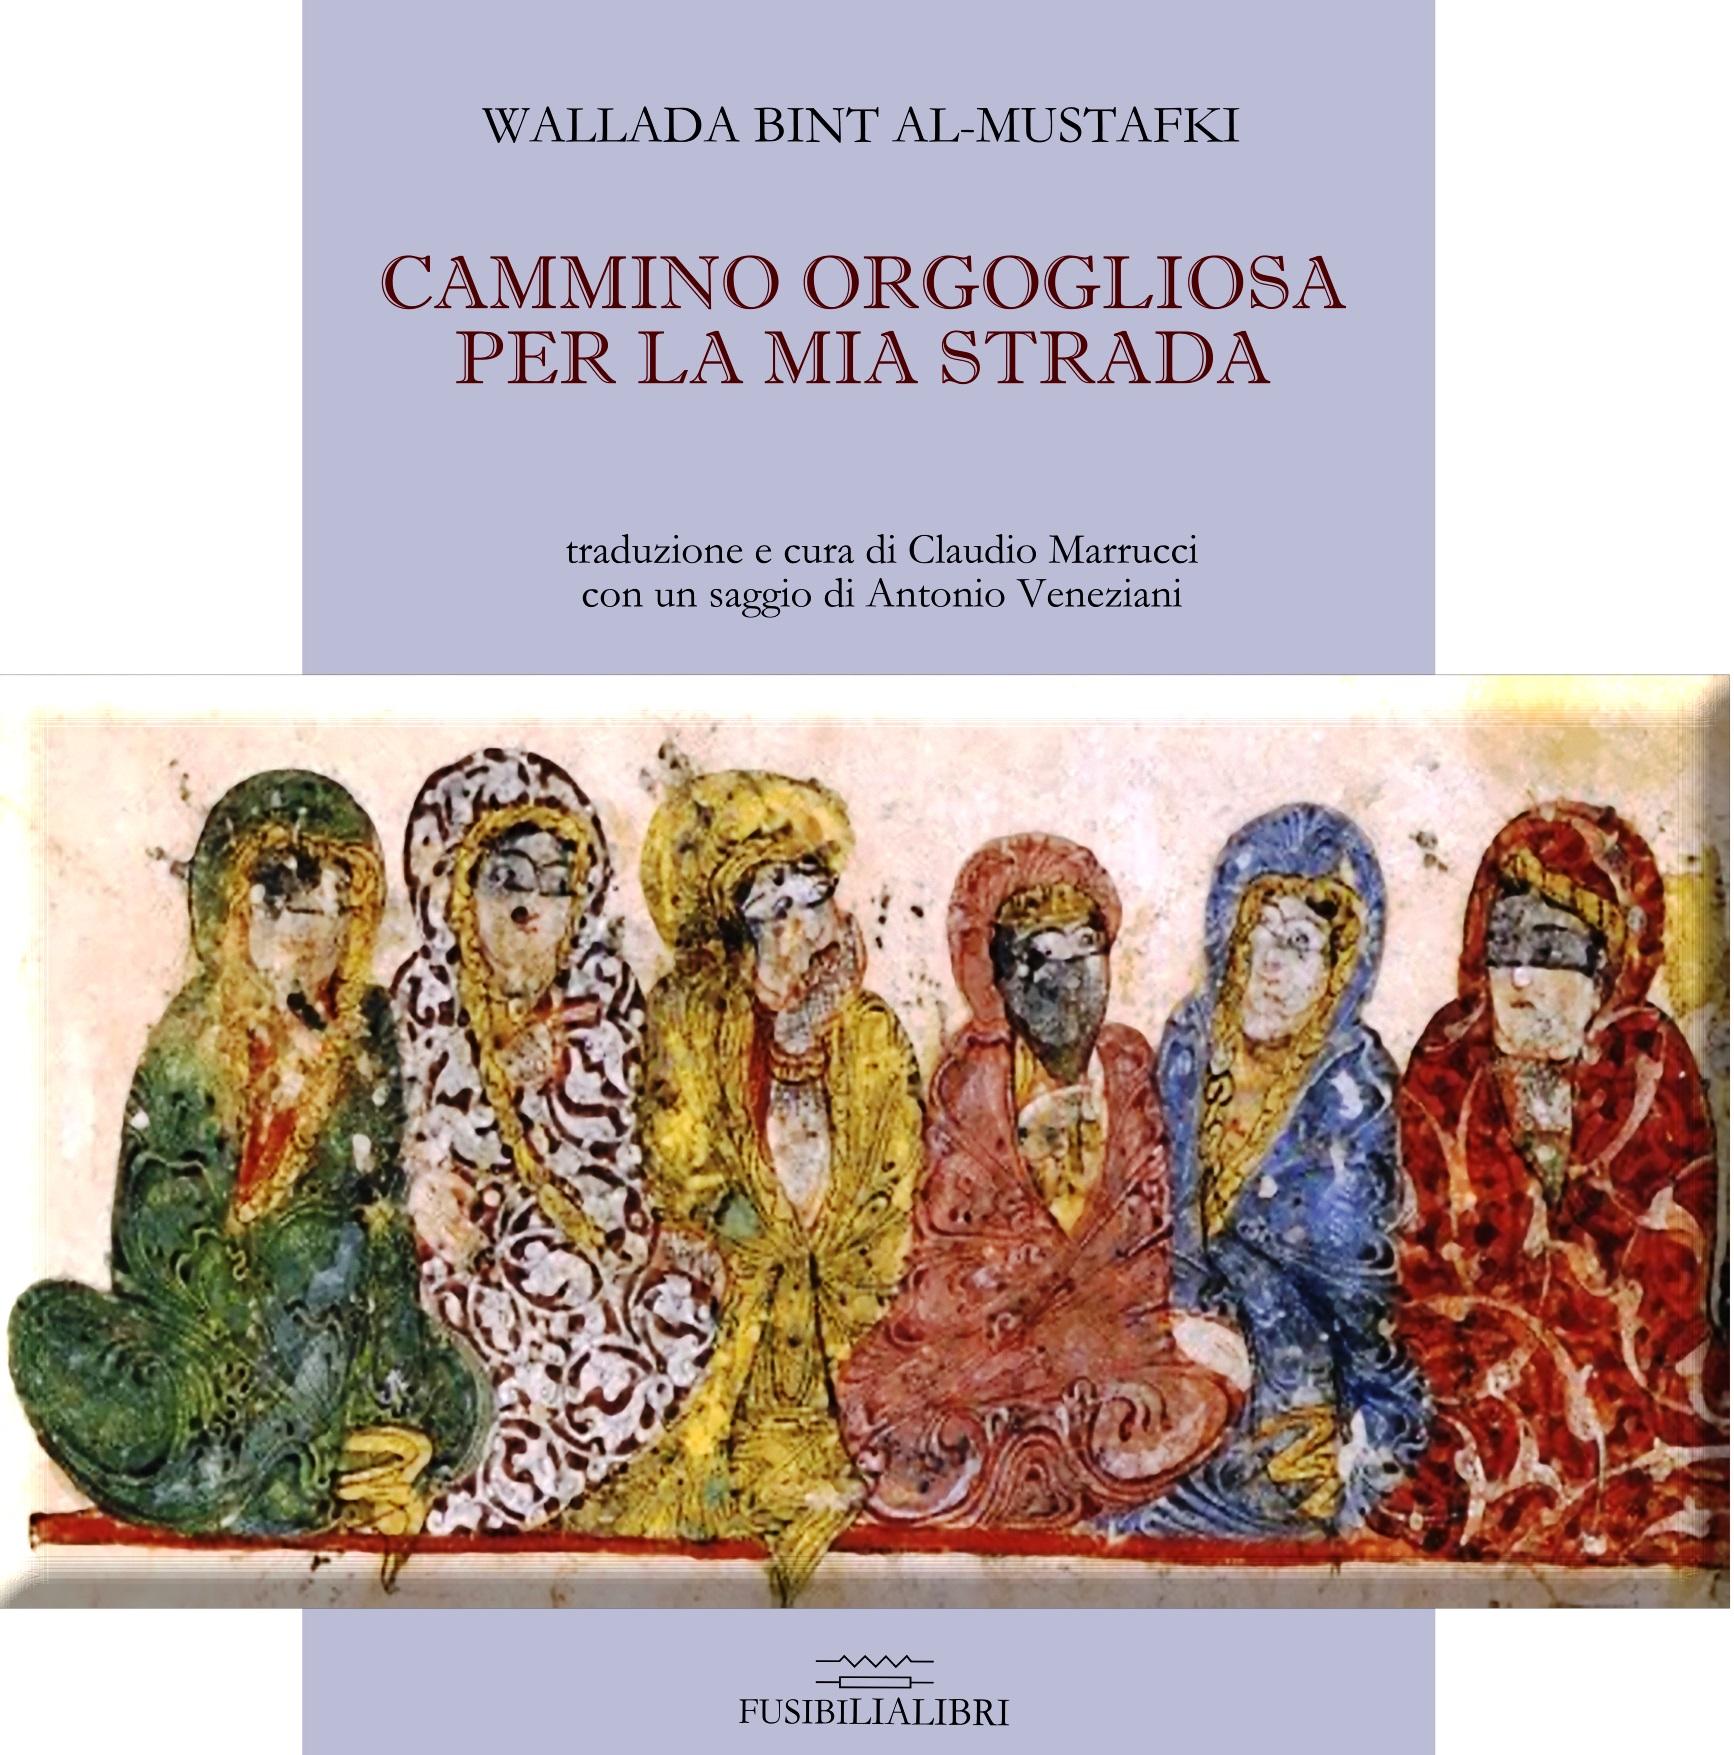 Cover Wallada DOPPIA_5_7_solo prima